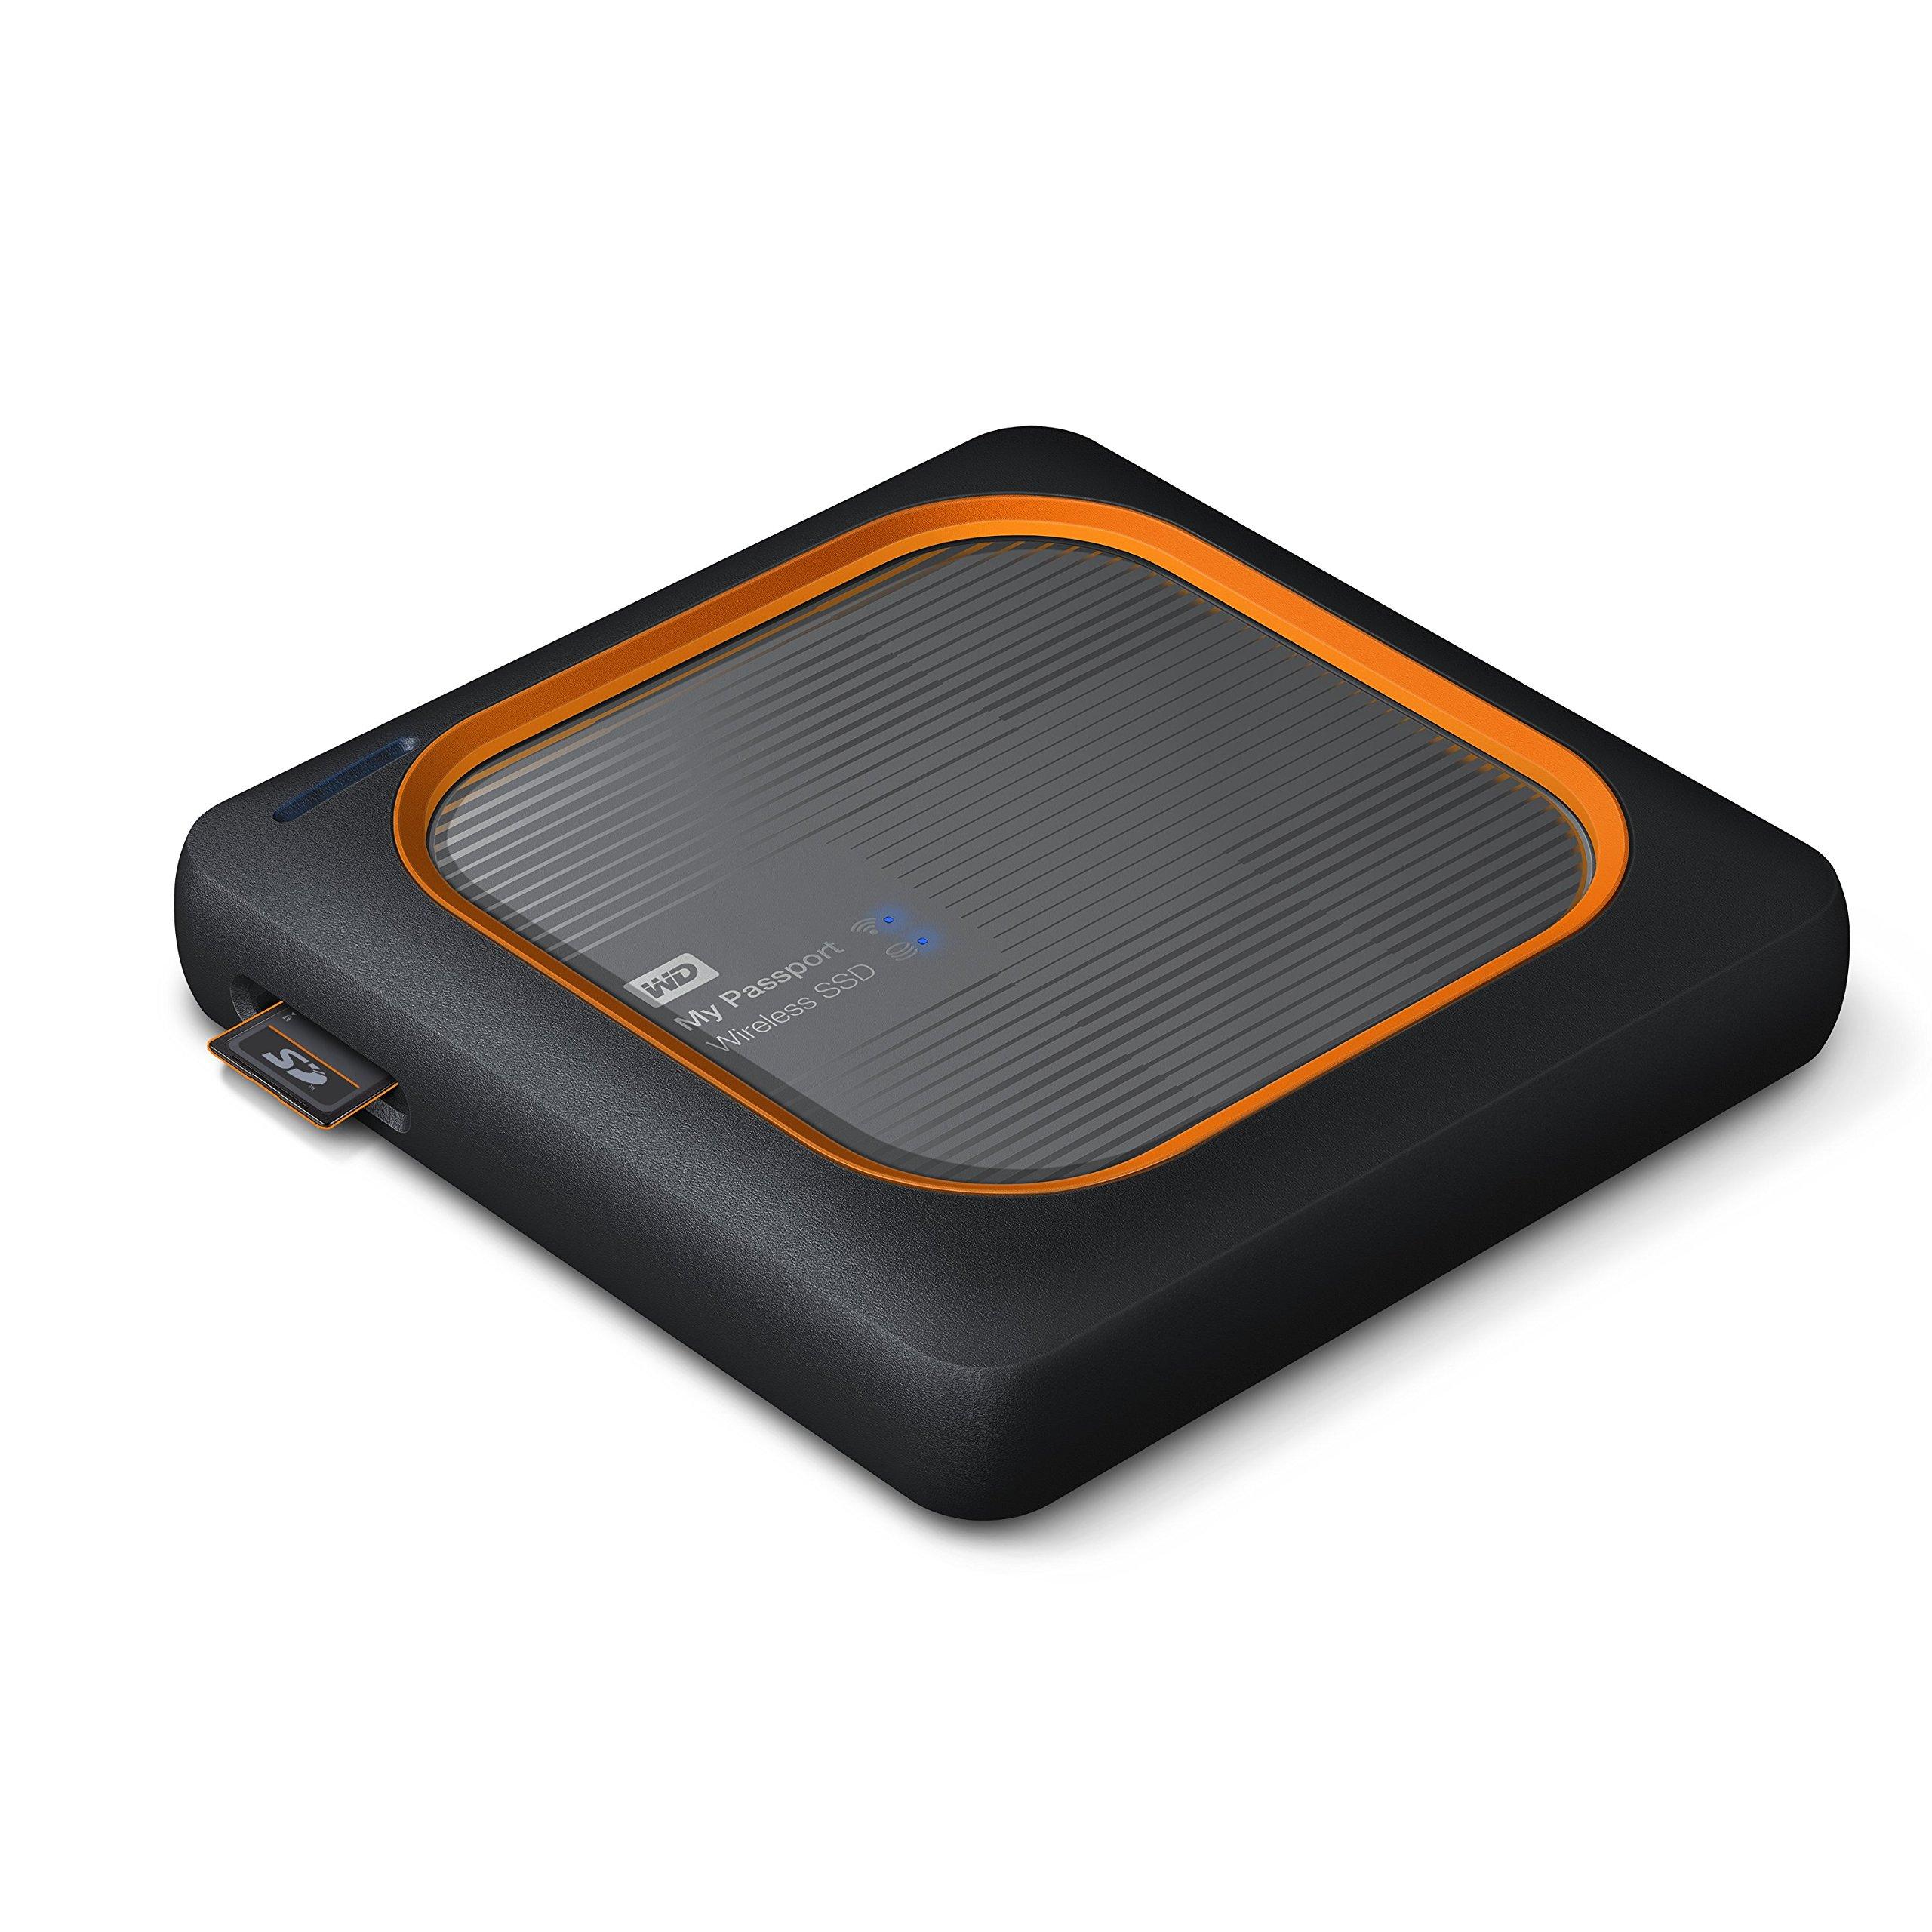 WD 250GB My Passport Wireless SSD External Portable Drive - WiFi USB 3.0 -WDBAMJ2500AGY-NESN by Western Digital (Image #3)